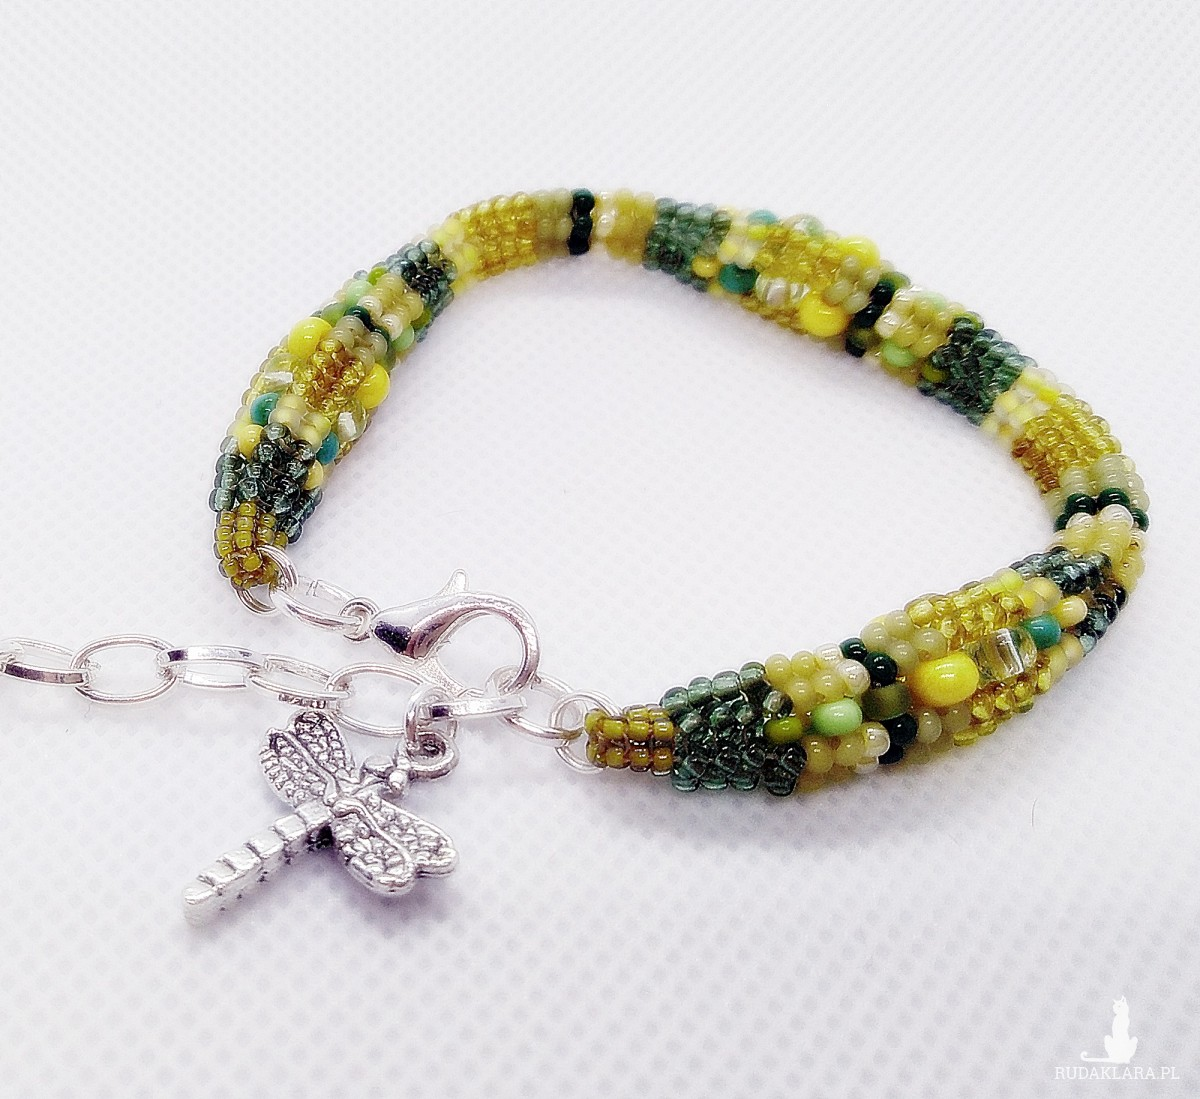 koralikowy naszyjnik boho wiosenny + bransoletka